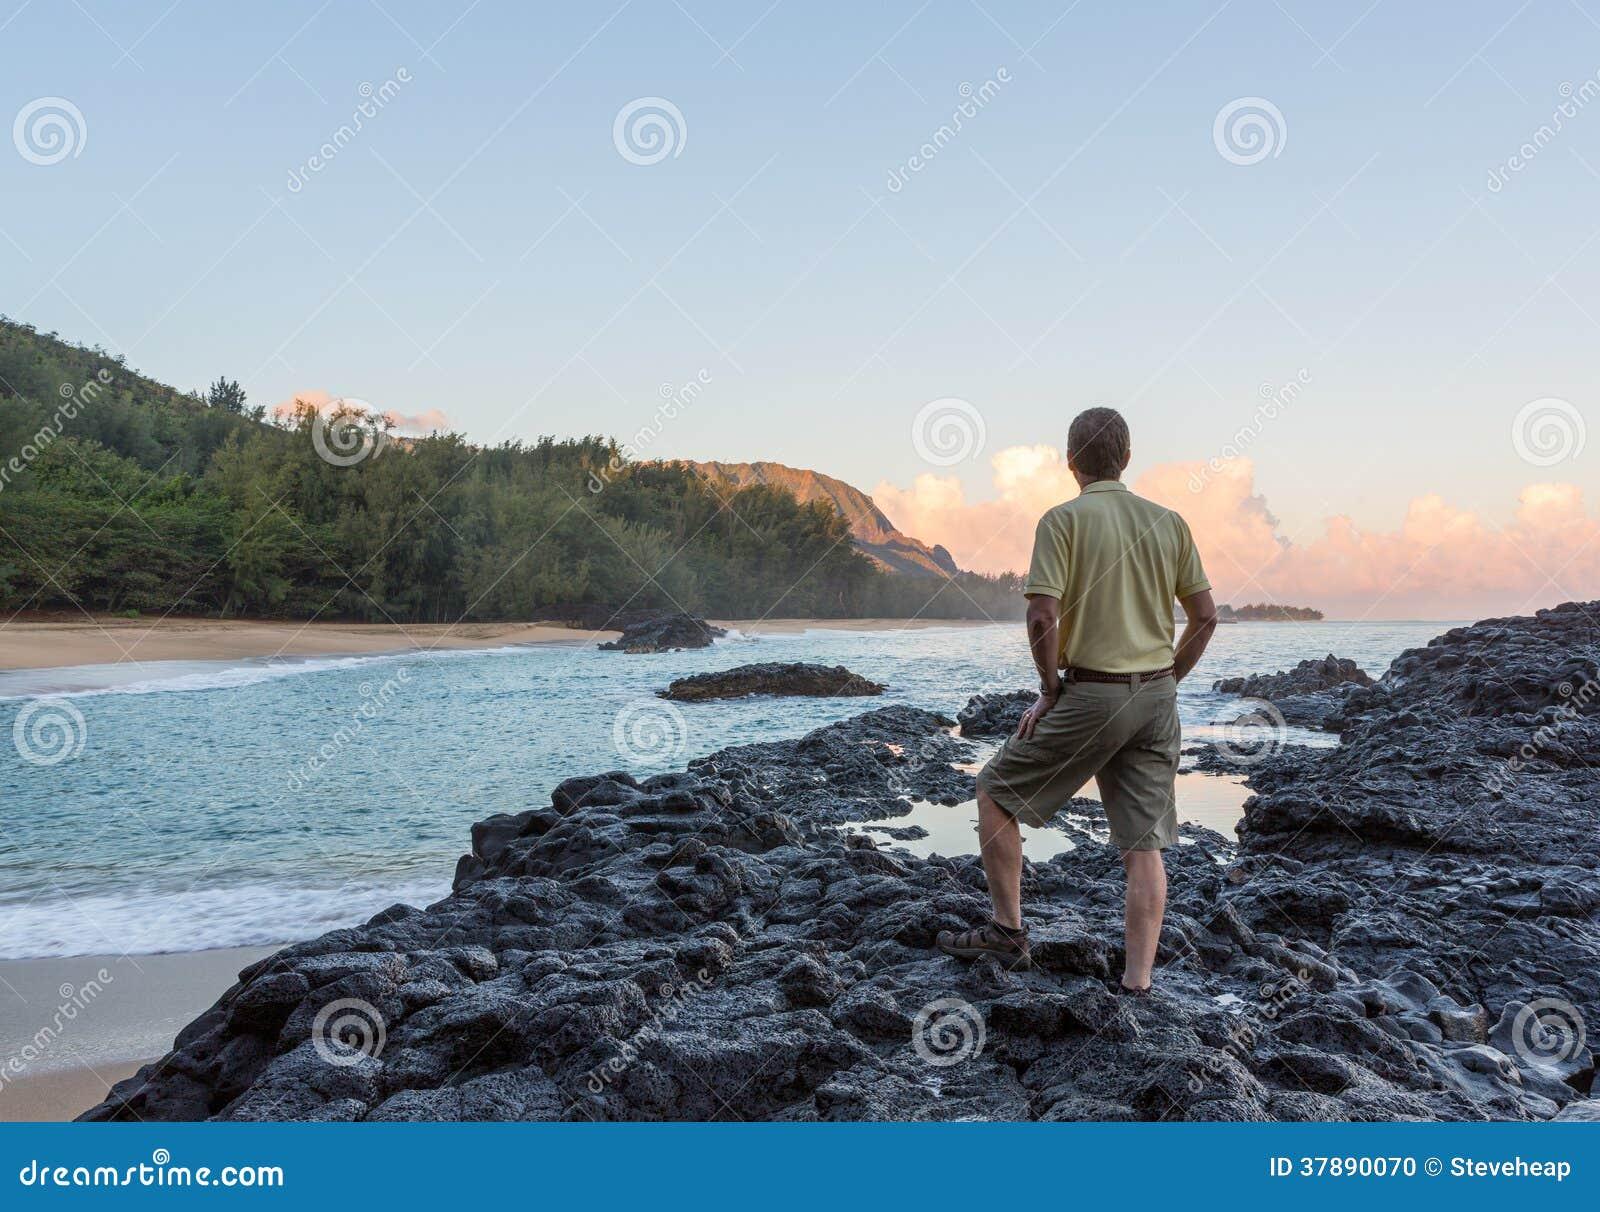 Lumahaistrand Kauai bij dageraad met de mens